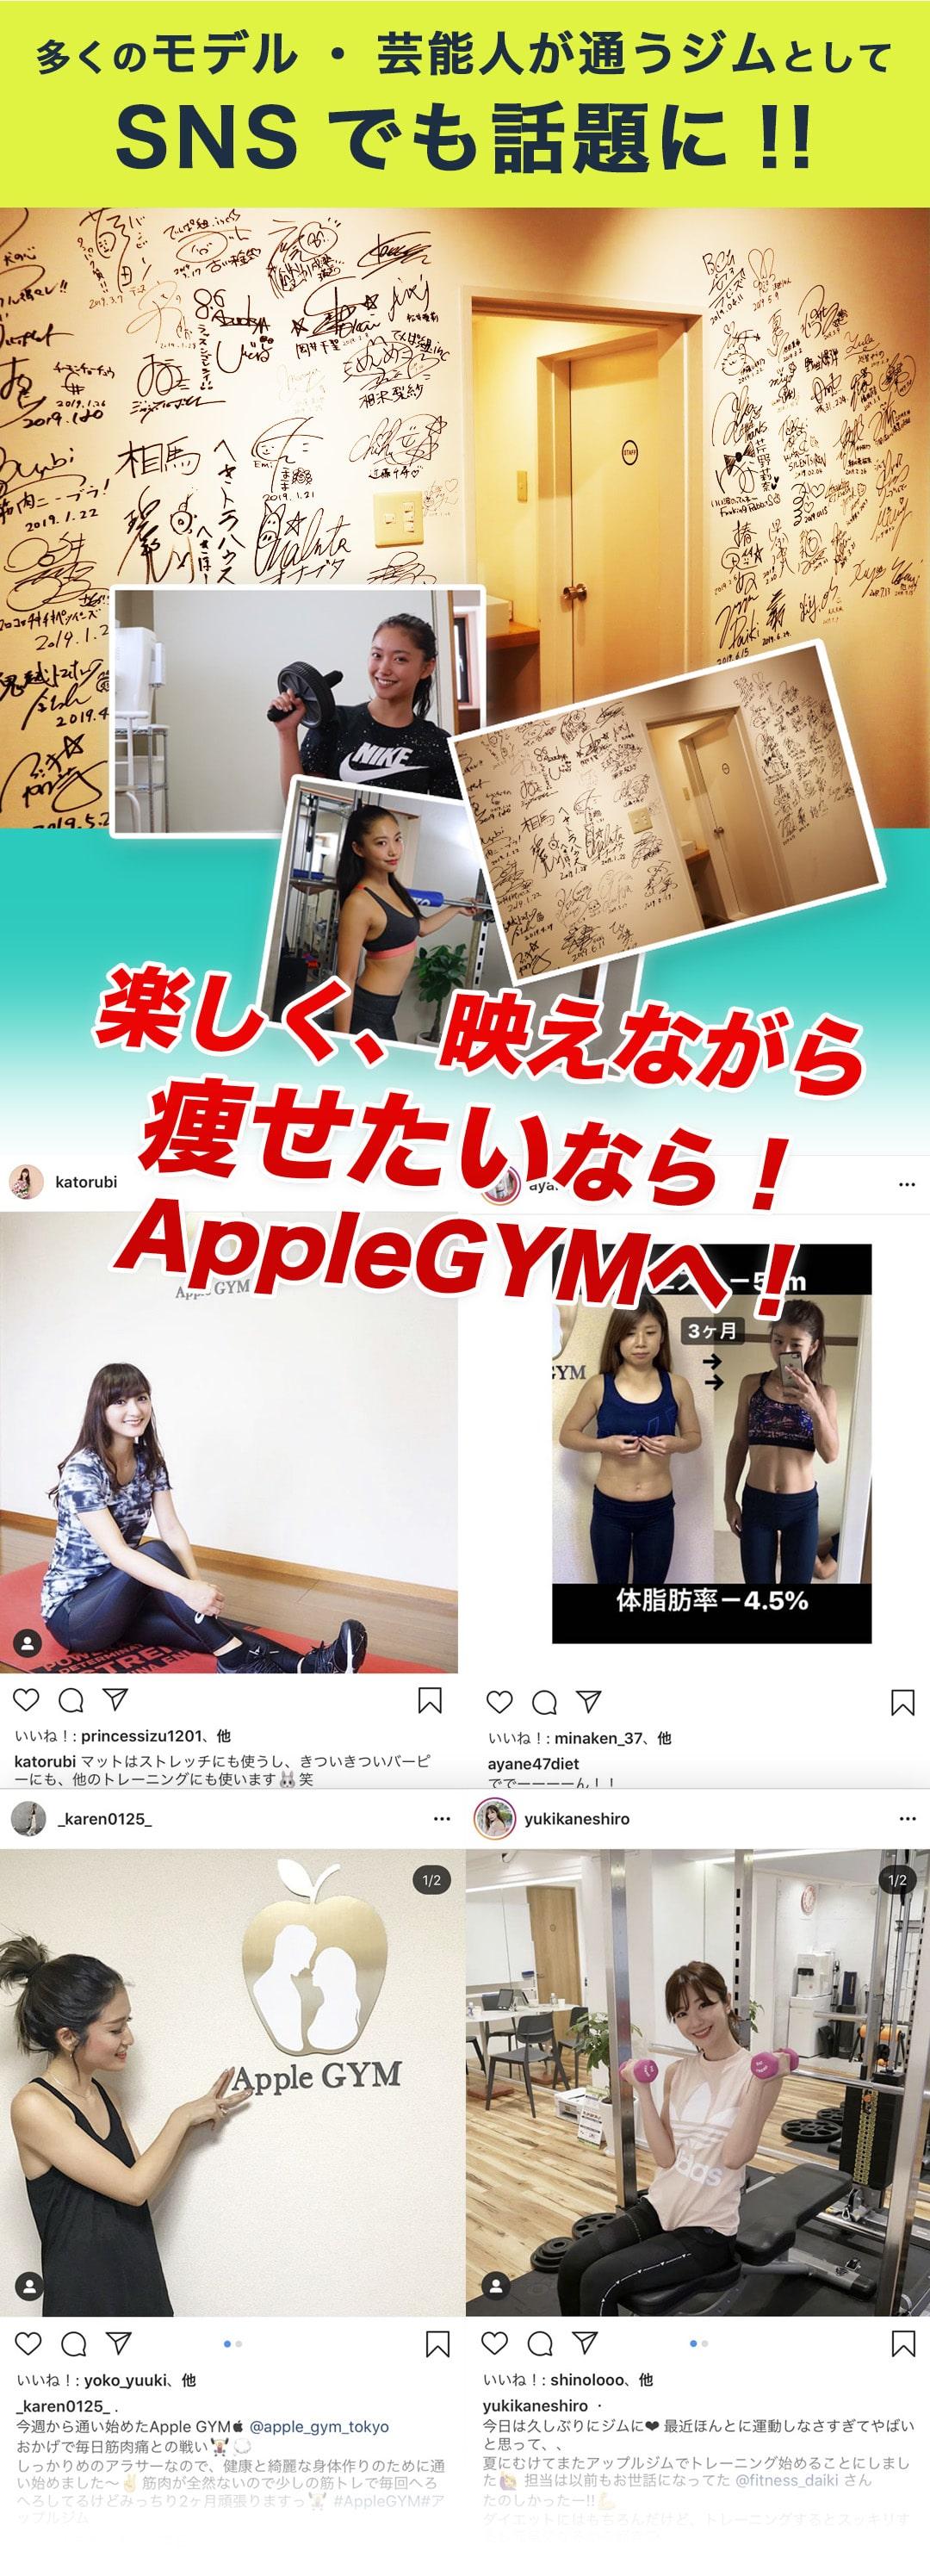 多くのモデル・芸能人が火曜事務としてSNSでも話題に!!